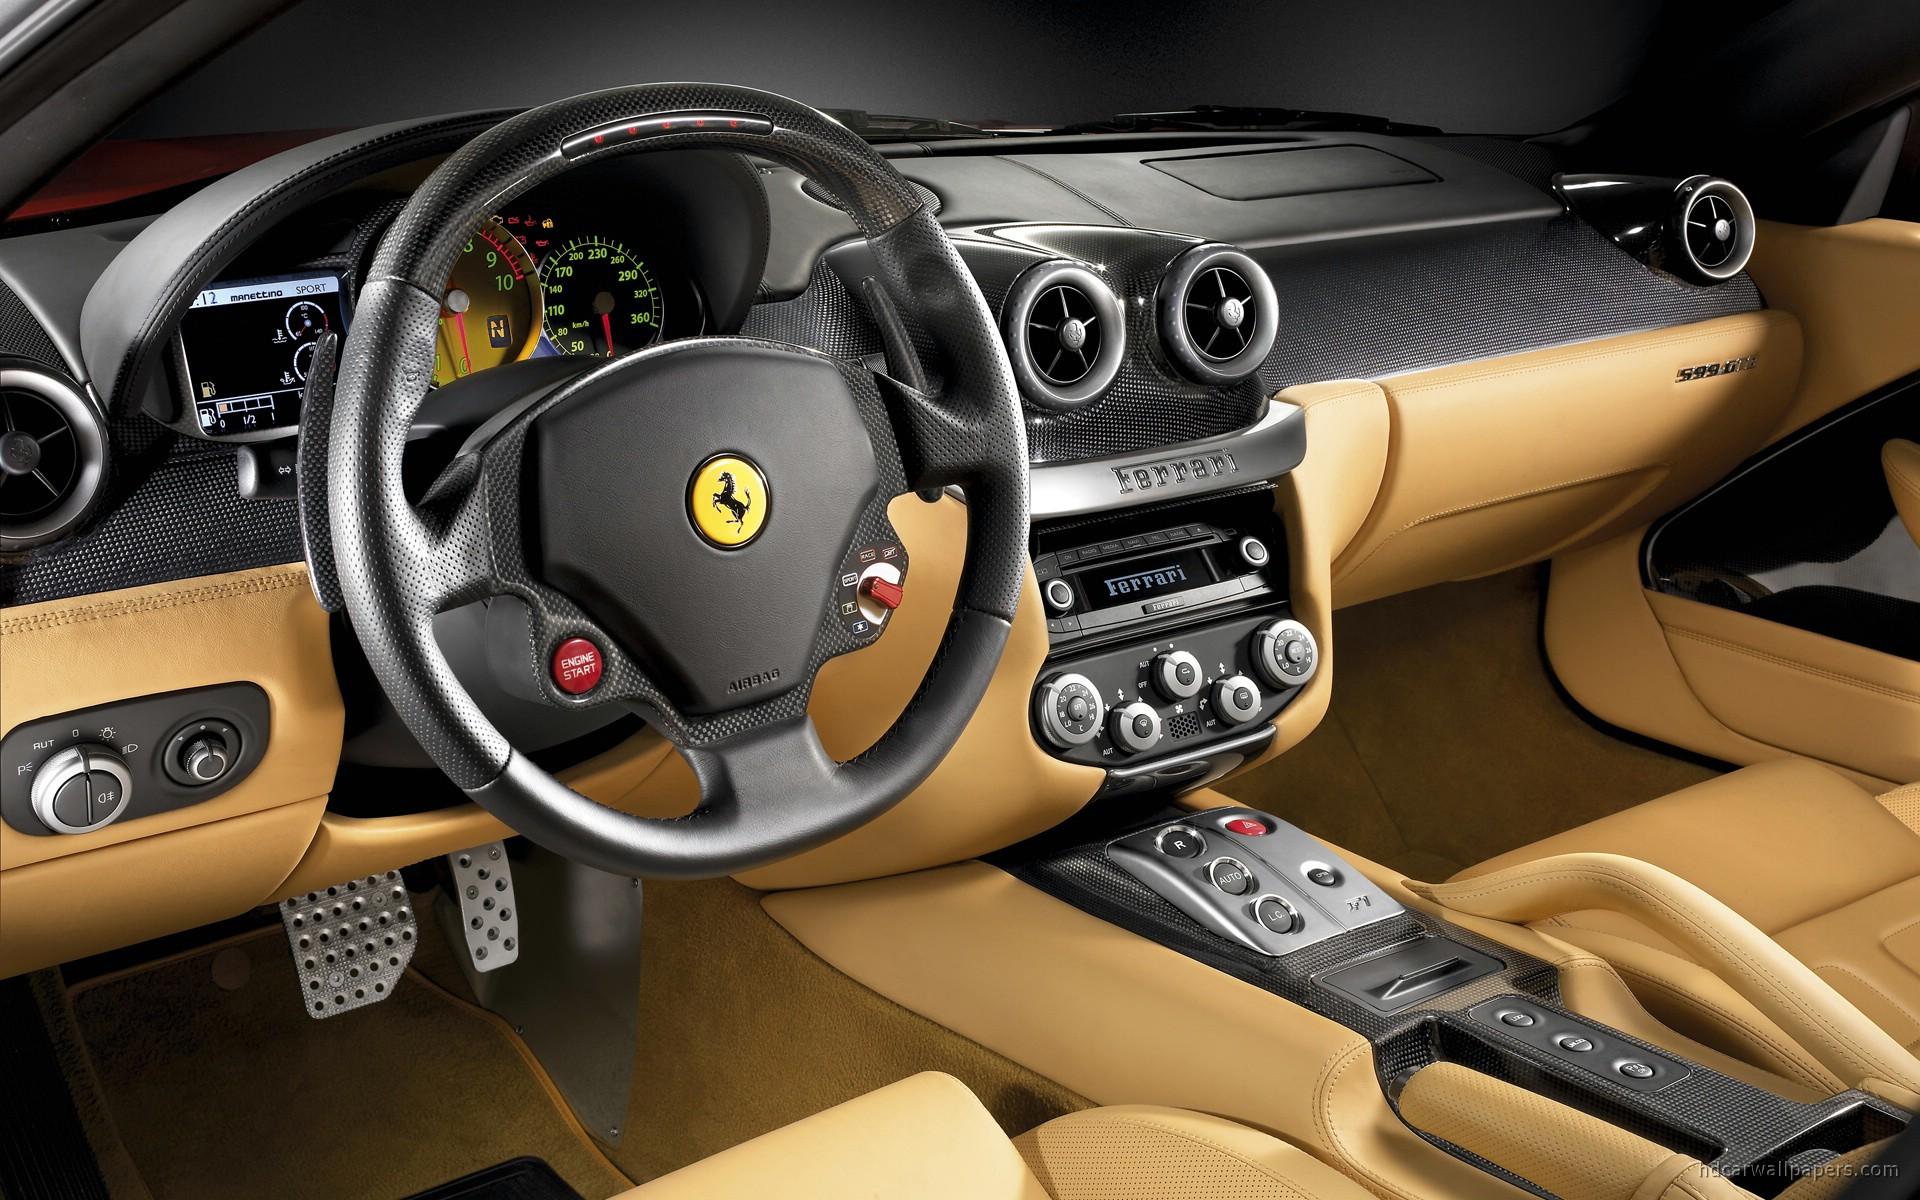 Ferrari 599 Gtb Interior Wallpaper Hd Car Wallpapers